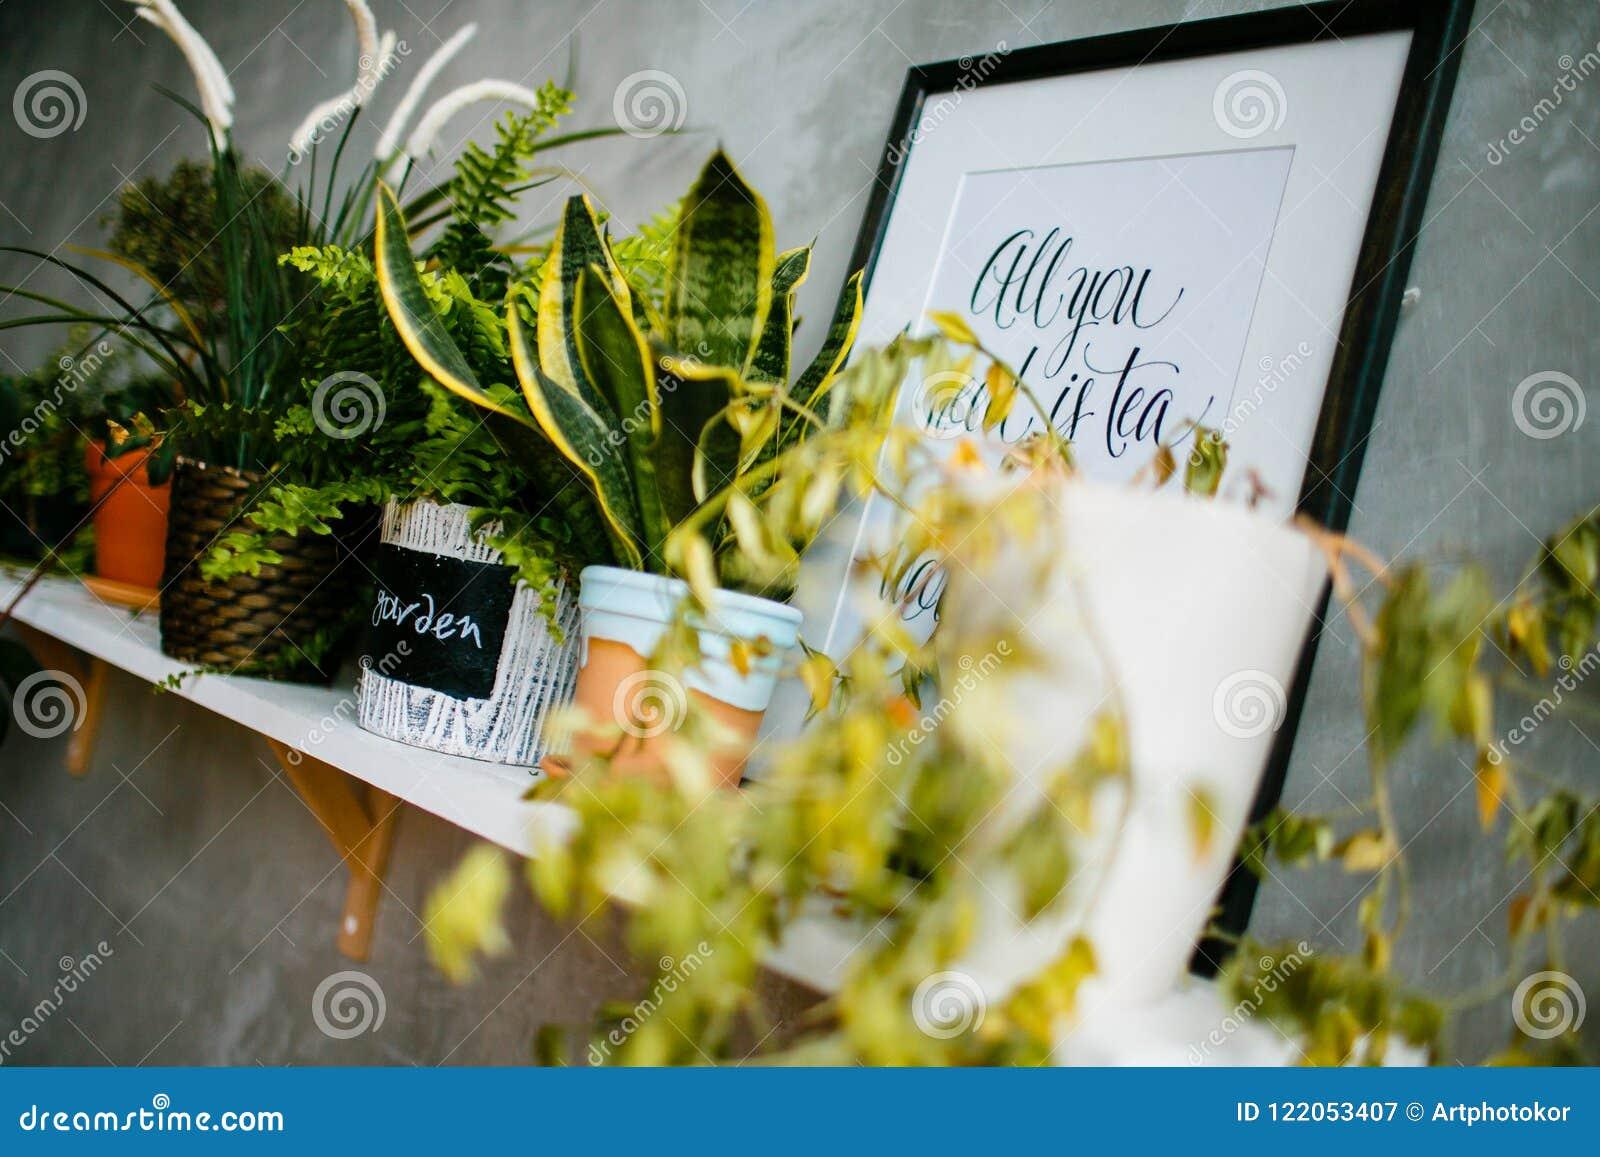 Строка комнатных растений в цветочных горшках на деревянной полке